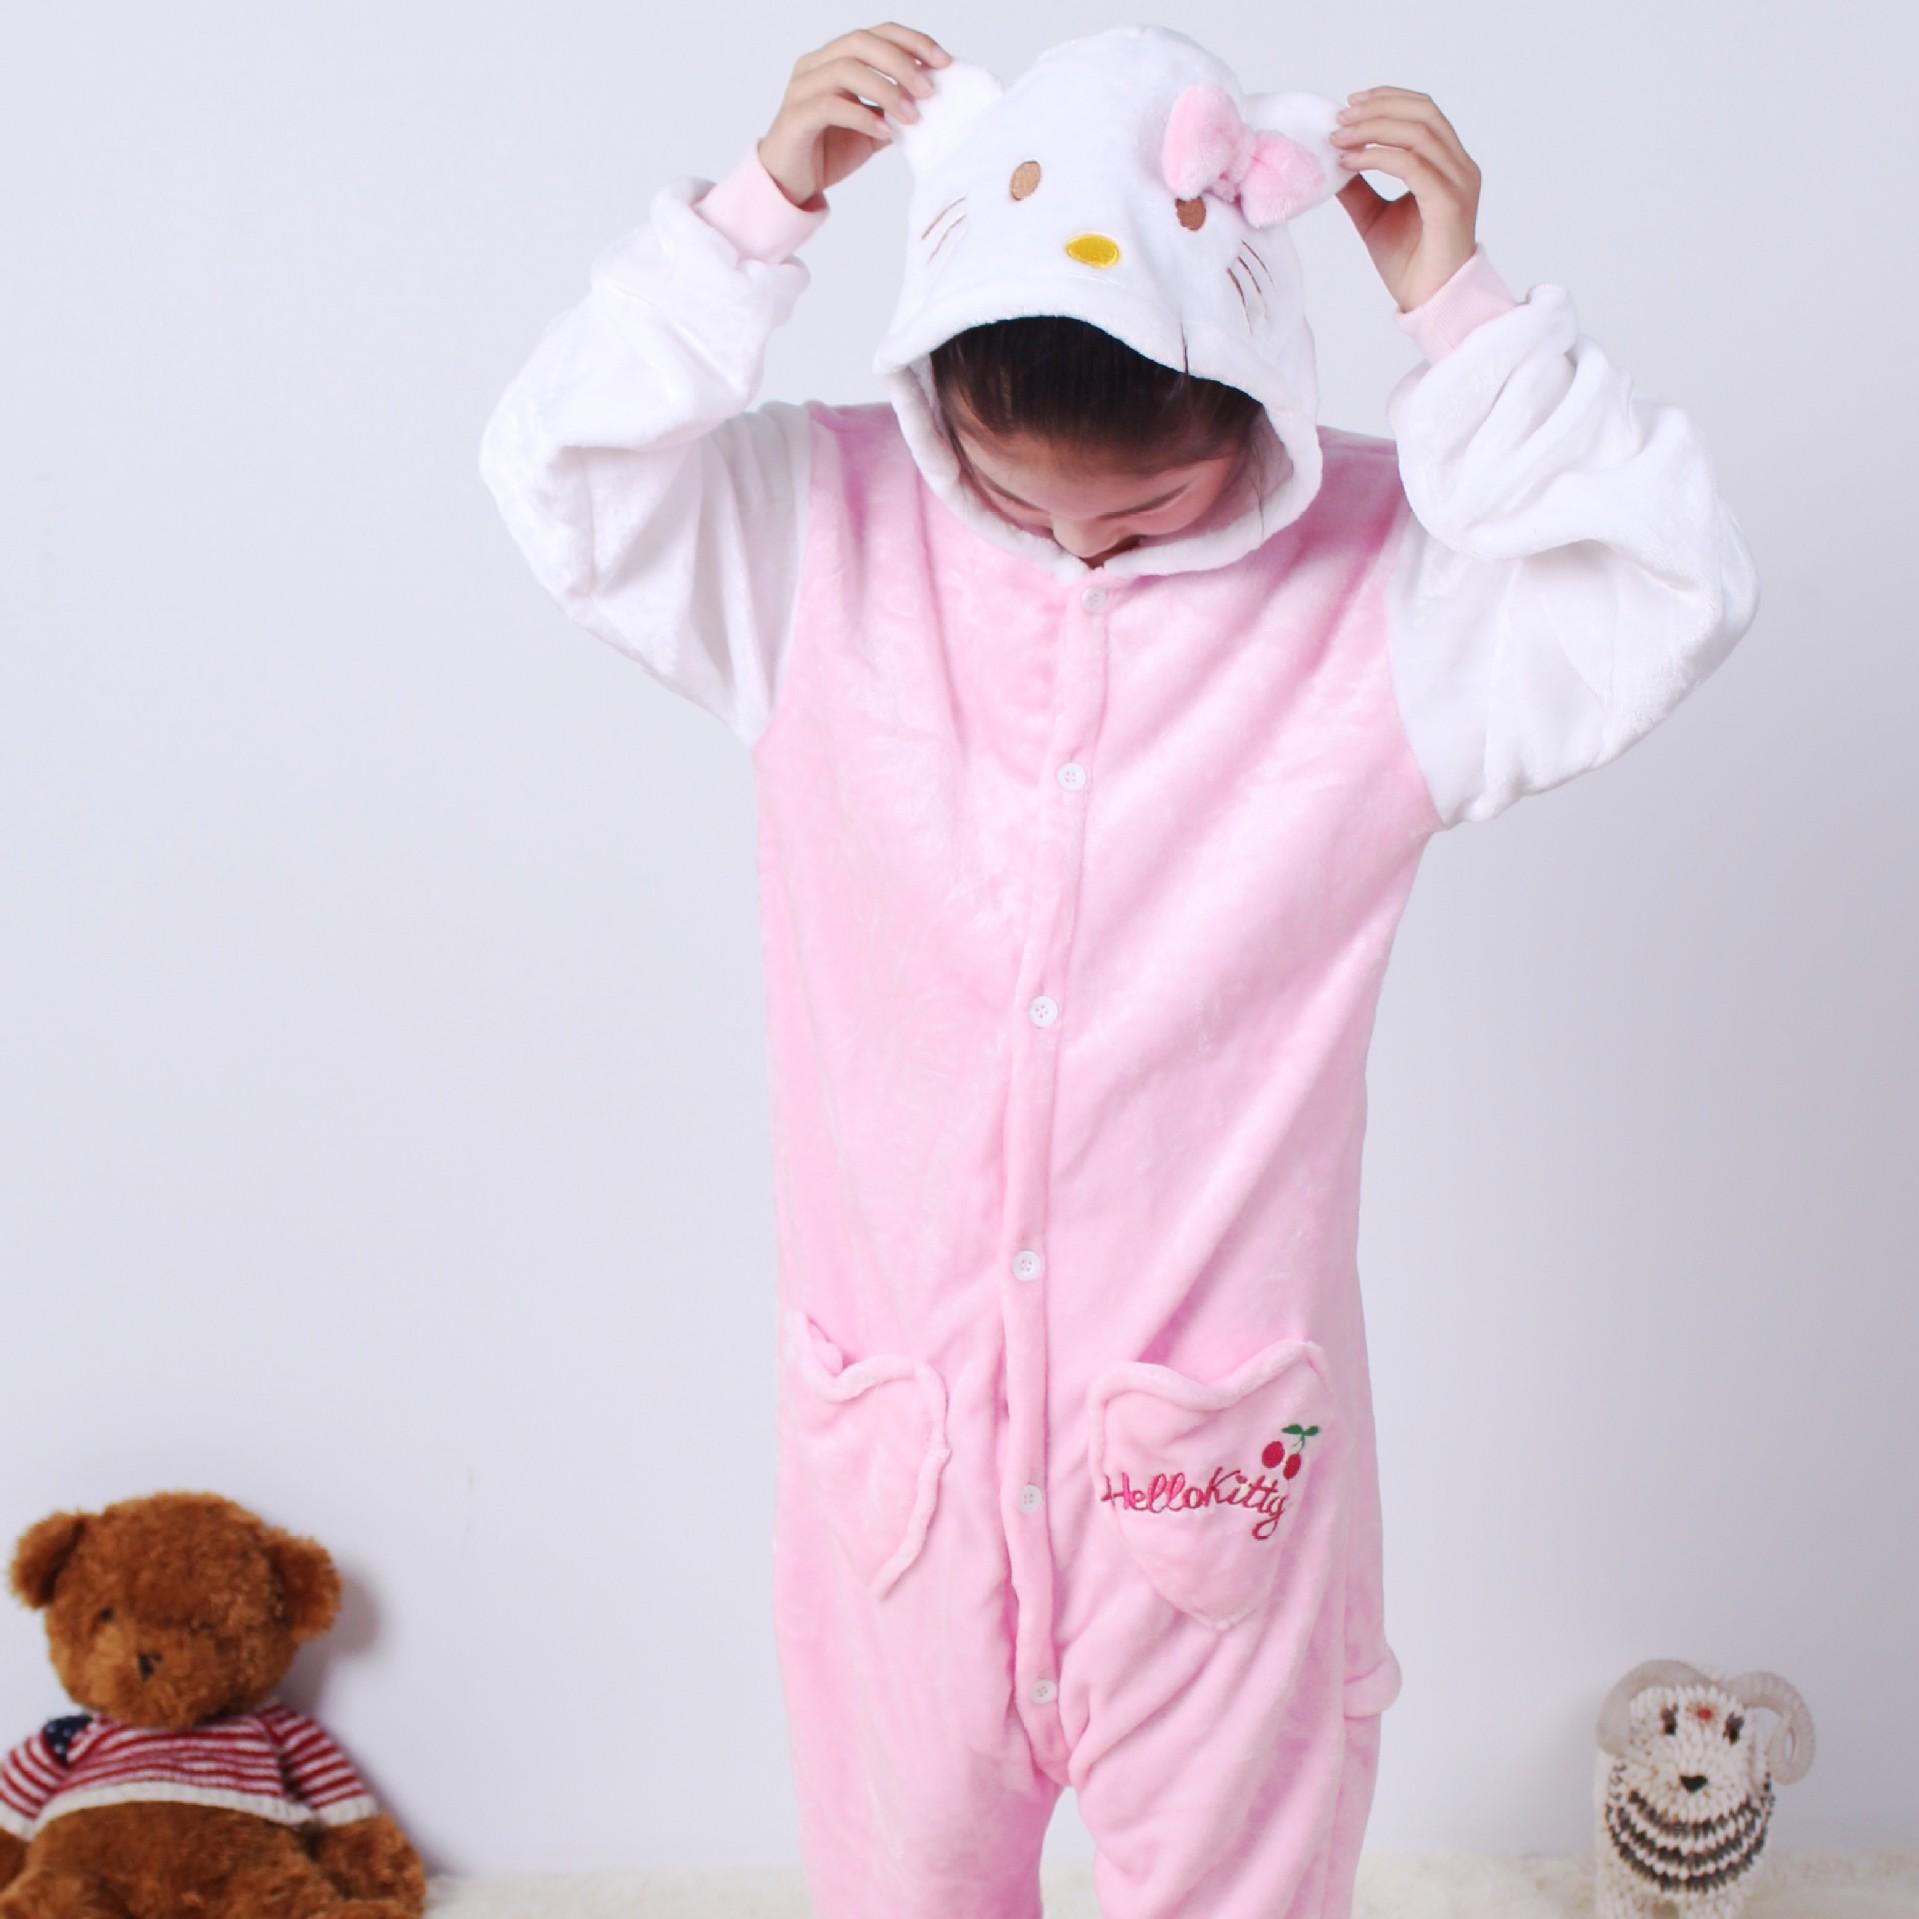 Kids Hello Kitty White Sleeve Onesie Kigurumi Pajamas Kids Animal Costumes for Unisex Children